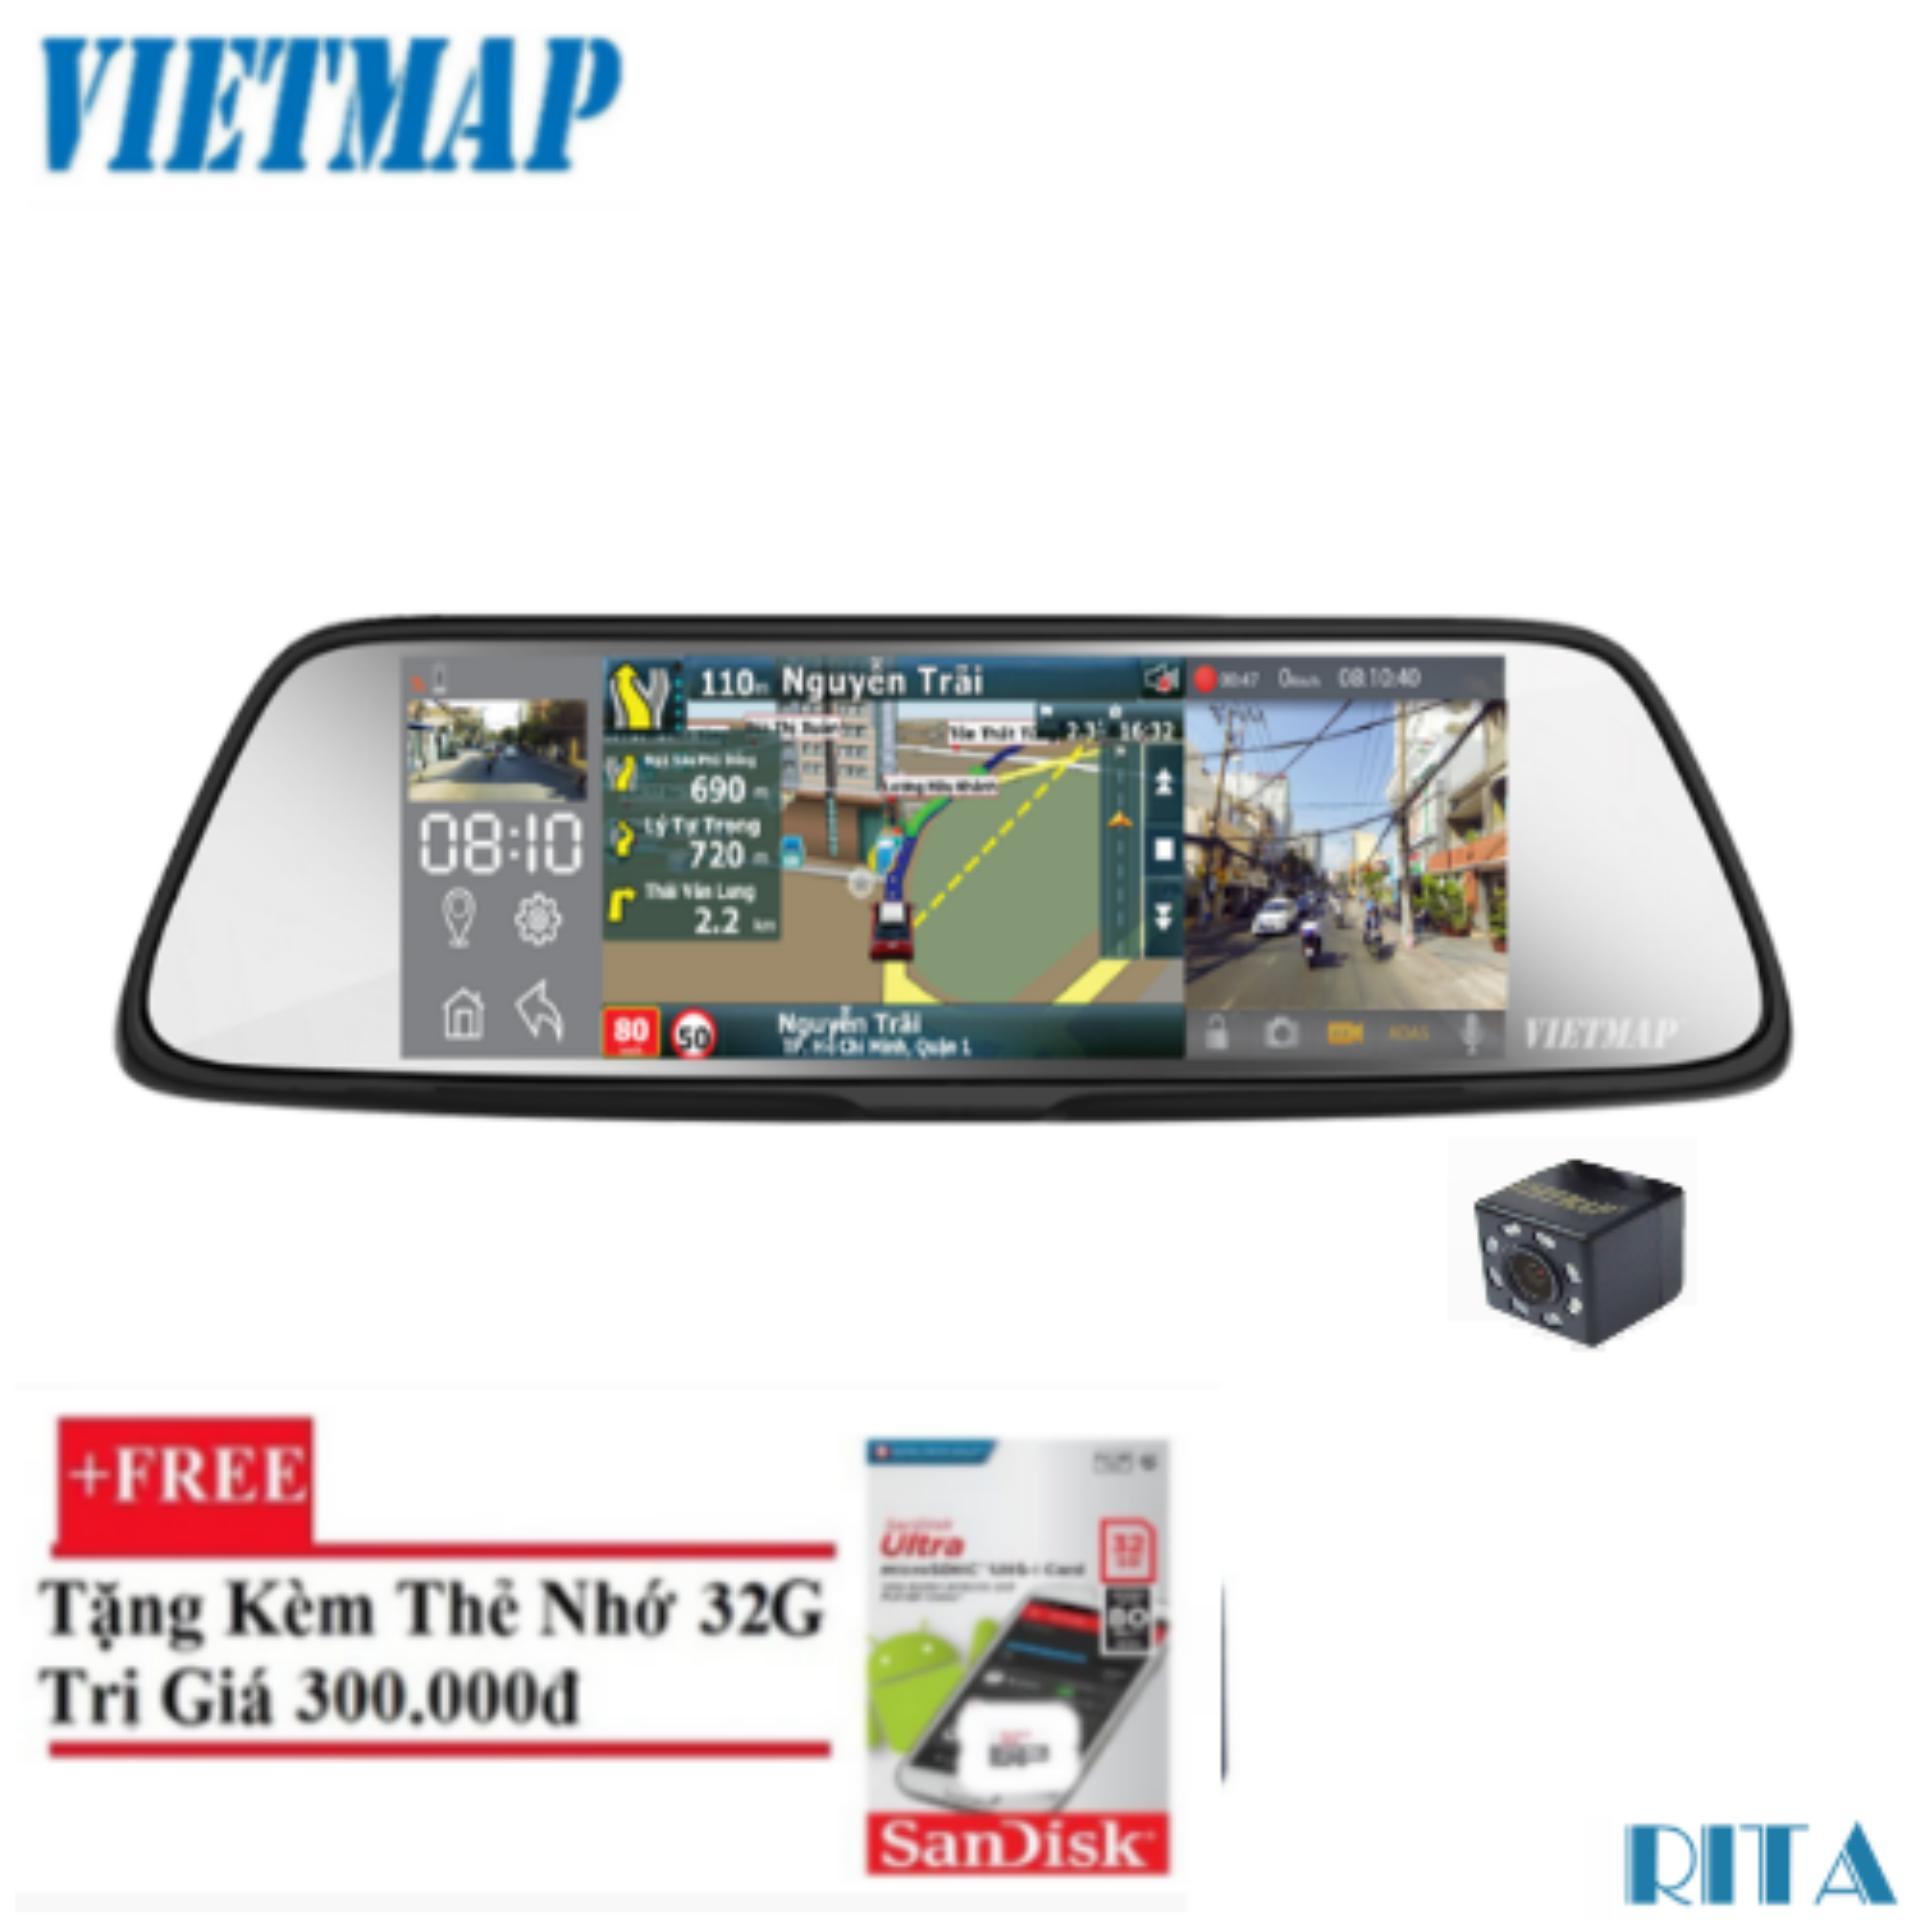 Camera Hành Trình O To Dãn Đường Vietmap G79 Thẻ 32Gb Rẻ